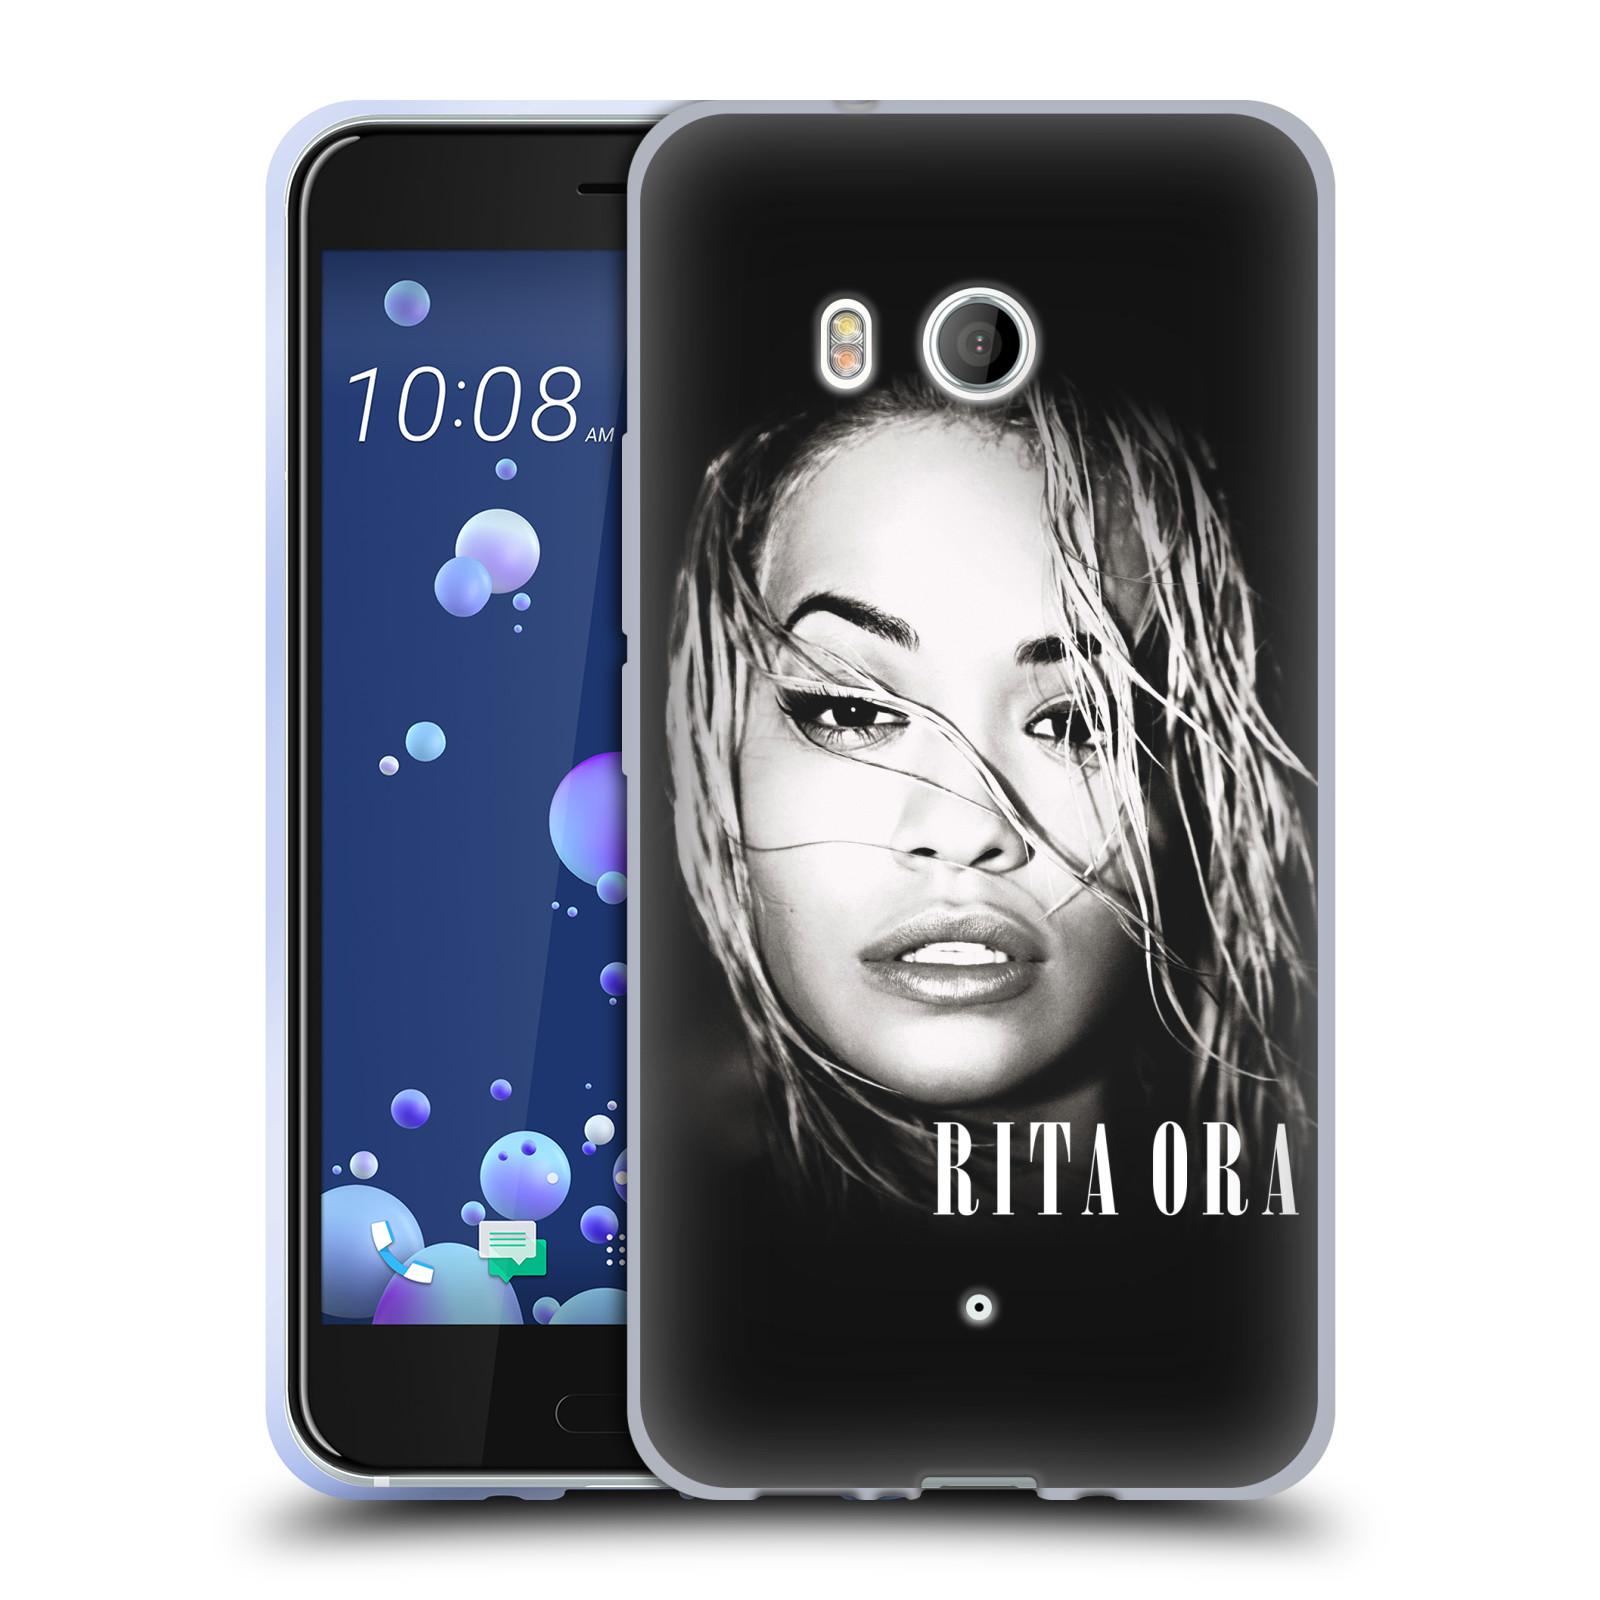 HEAD CASE silikonový obal na mobil HTC U11 / HTC U11 DUAL SIM zpěvačka Rita Ora foto tvář